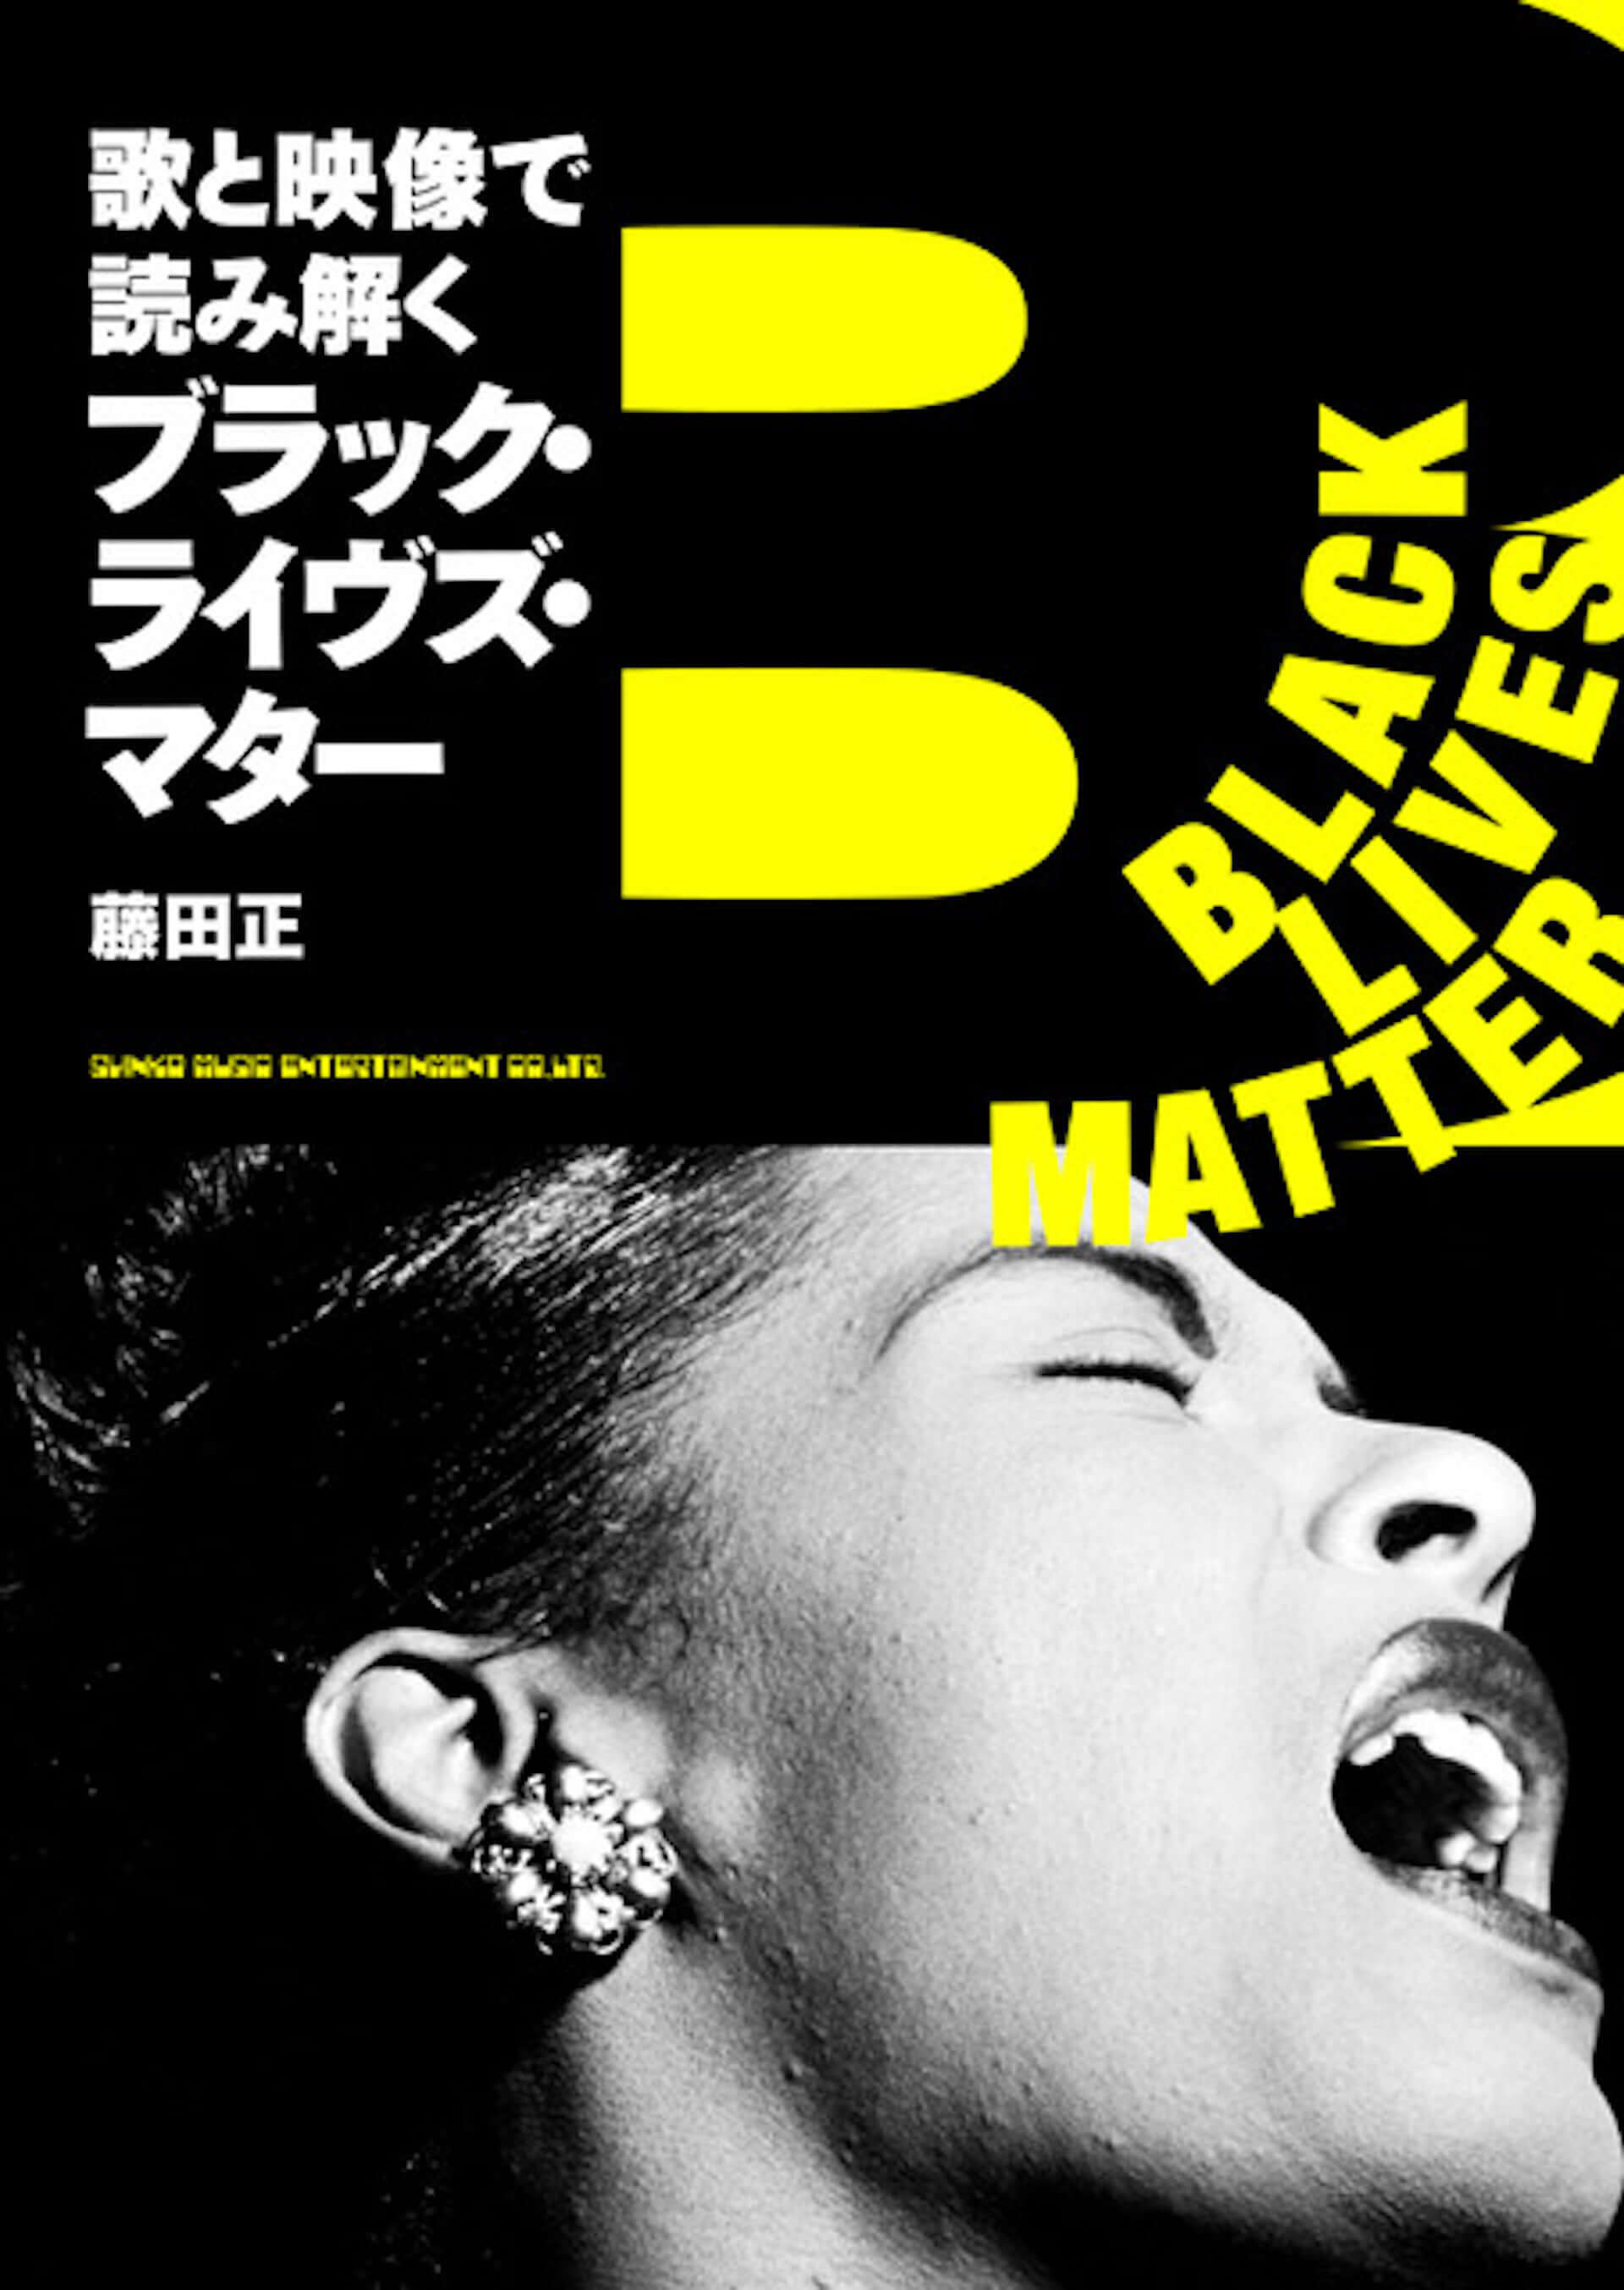 書籍『歌と映像で読み解くブラック・ライヴズ・マター』の制作過程や裏話が公開!著者・藤田正と企画編集・森聖加による対談noteがスタート art201202_blm-note_1-1920x2707